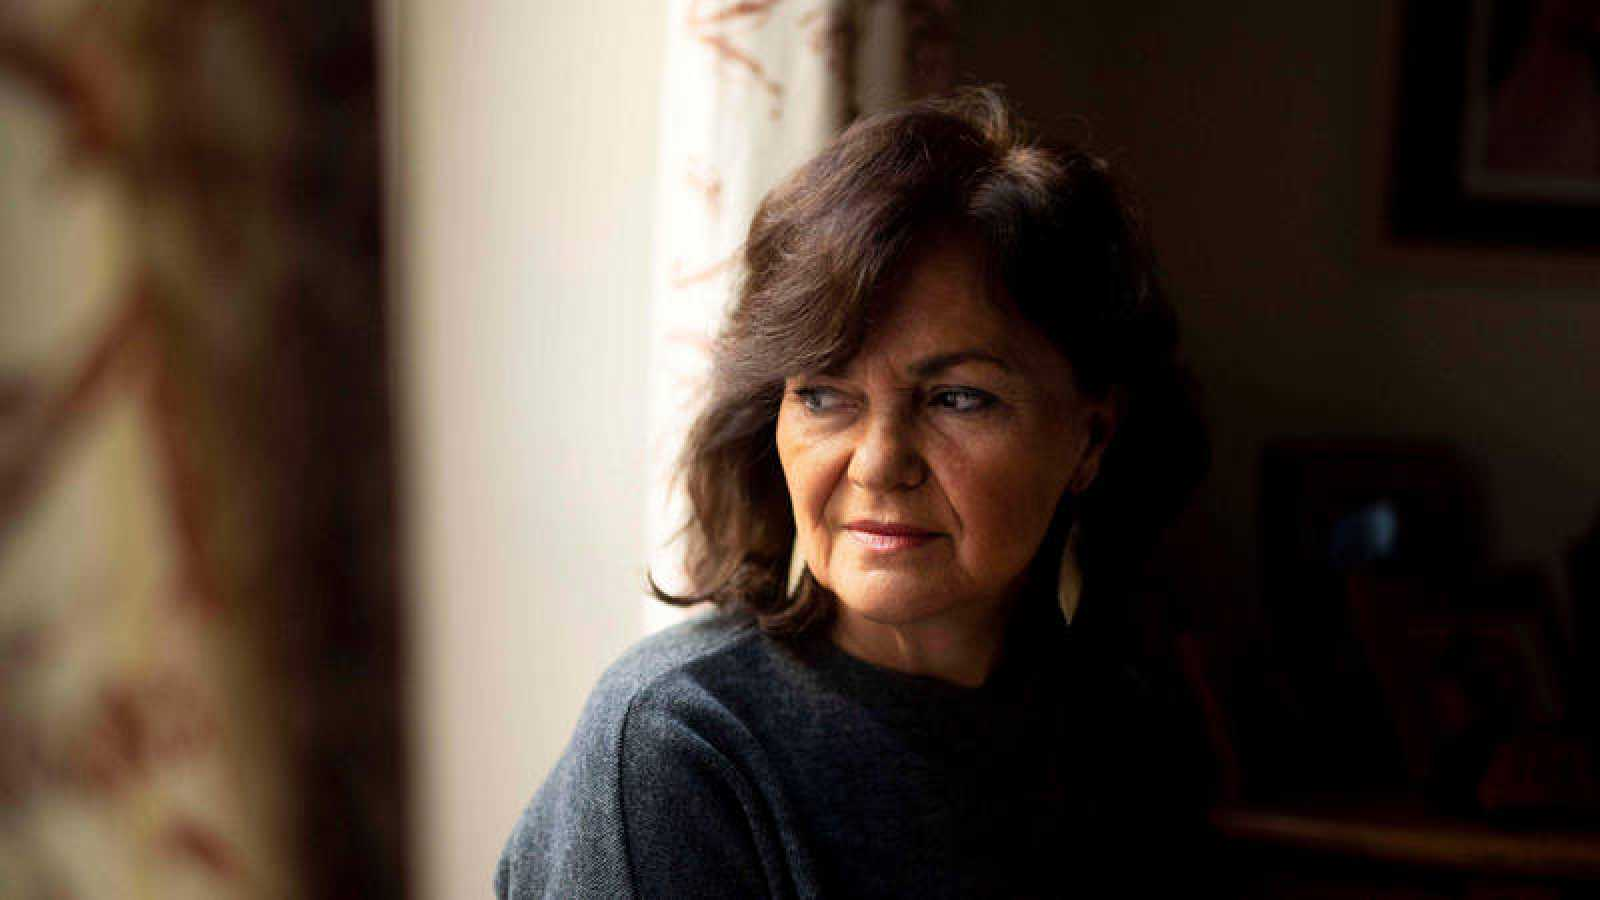 La vicepresidenta del Gobierno en funciones, Carmen Calvo, en una imagen de archivo